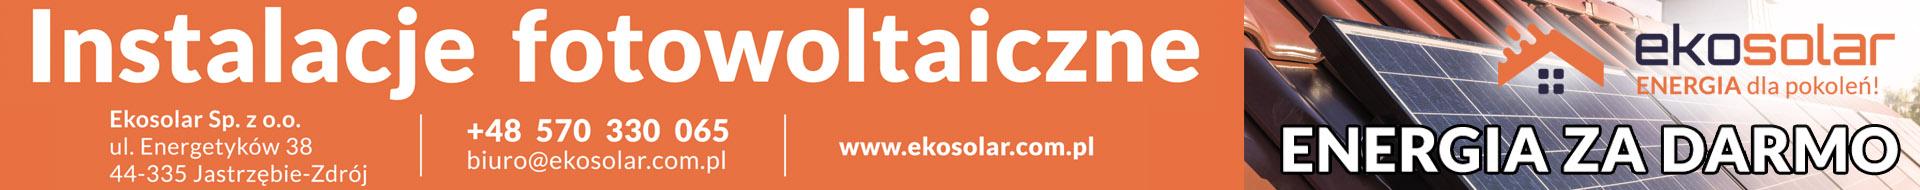 Ekosolar_desktop